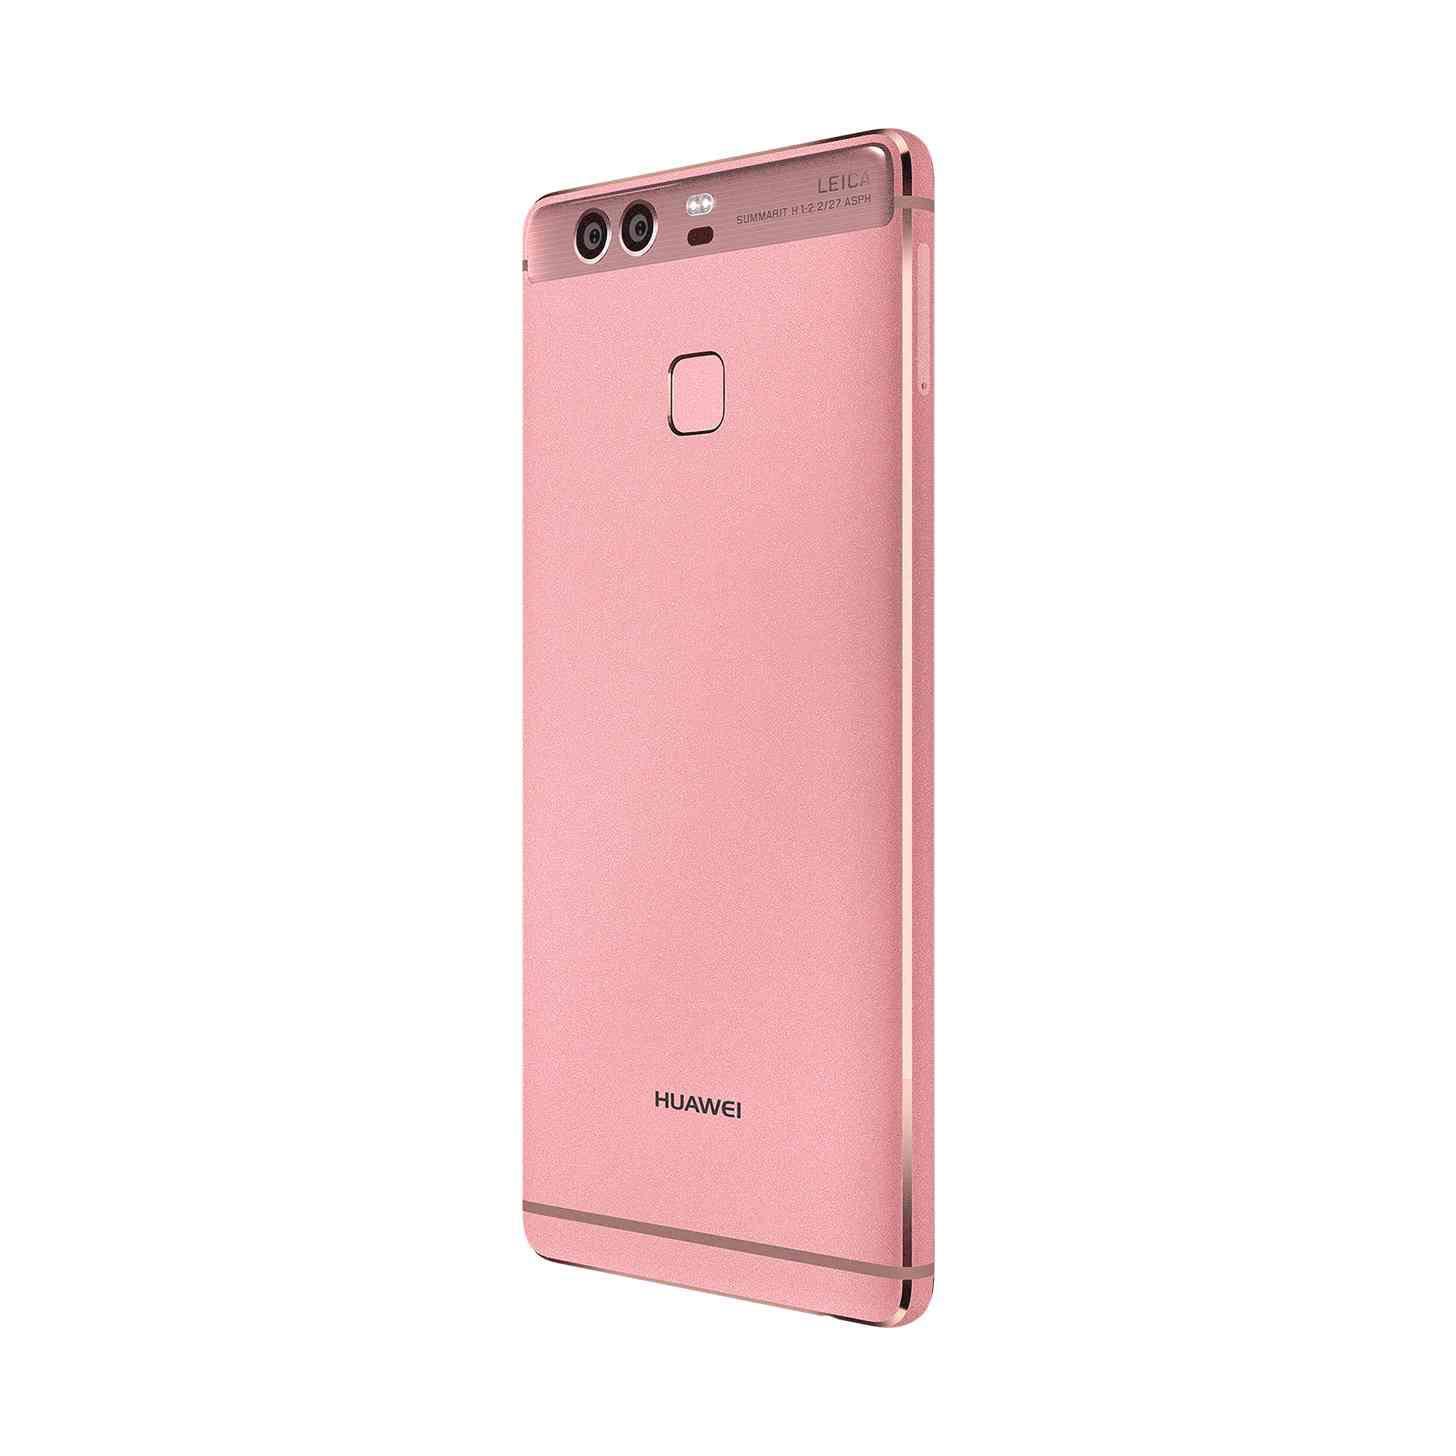 Huawei P9 Simlockvrij